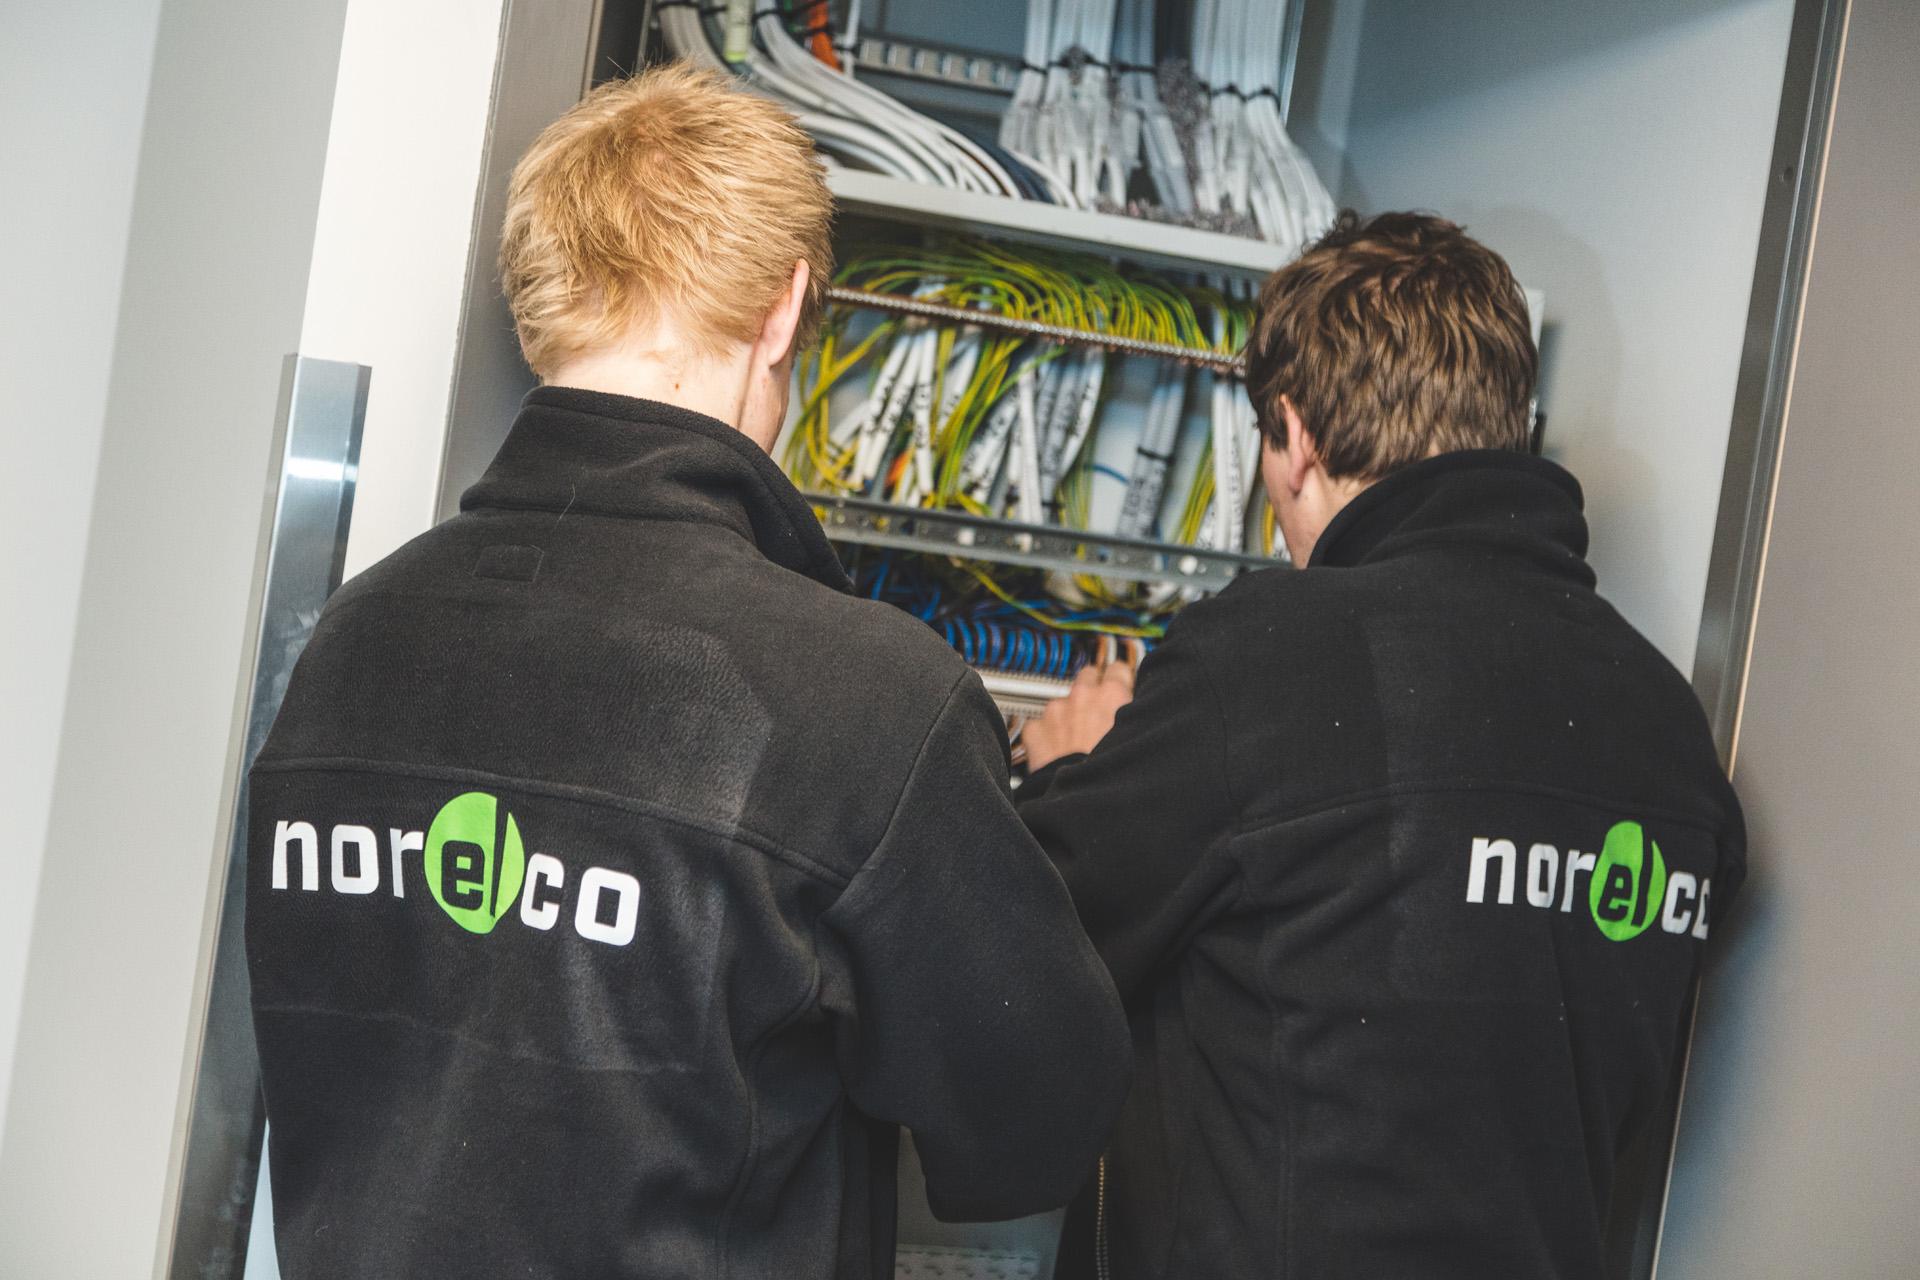 Bilde av Norelco ansatte i arbeid.